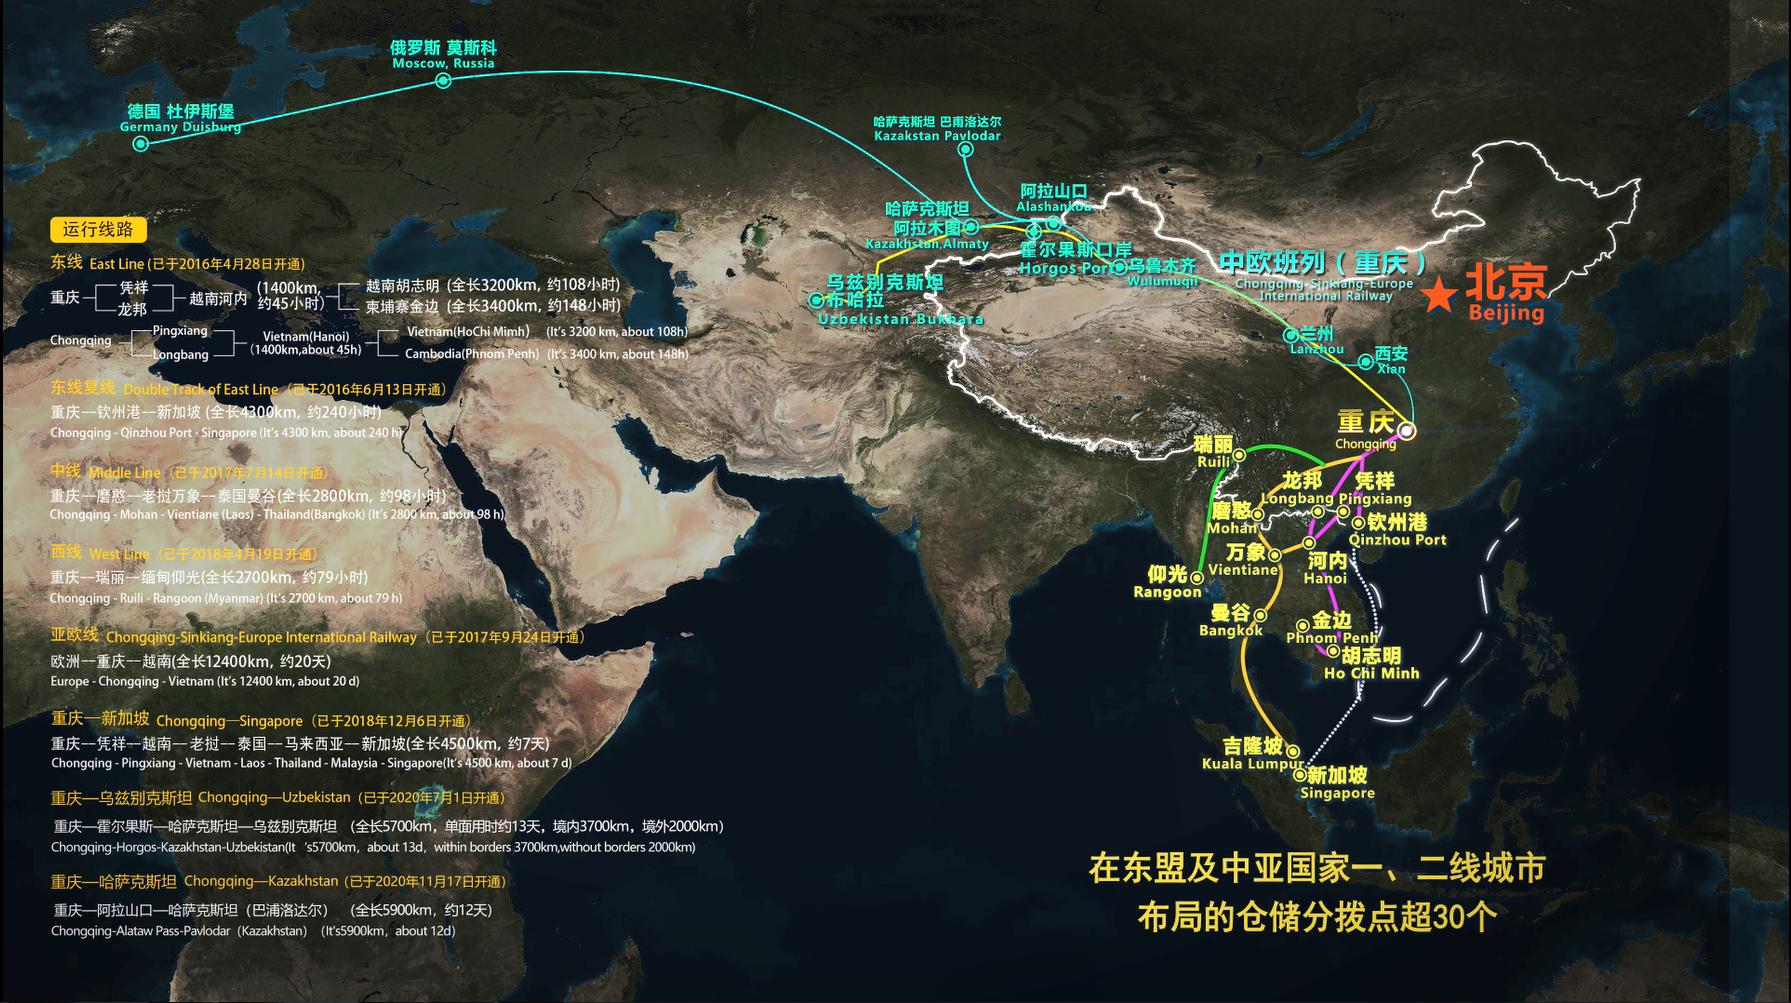 重庆跨境公路班车布局海外分拨仓和物流节点达30余个。重庆公路物流基地供图